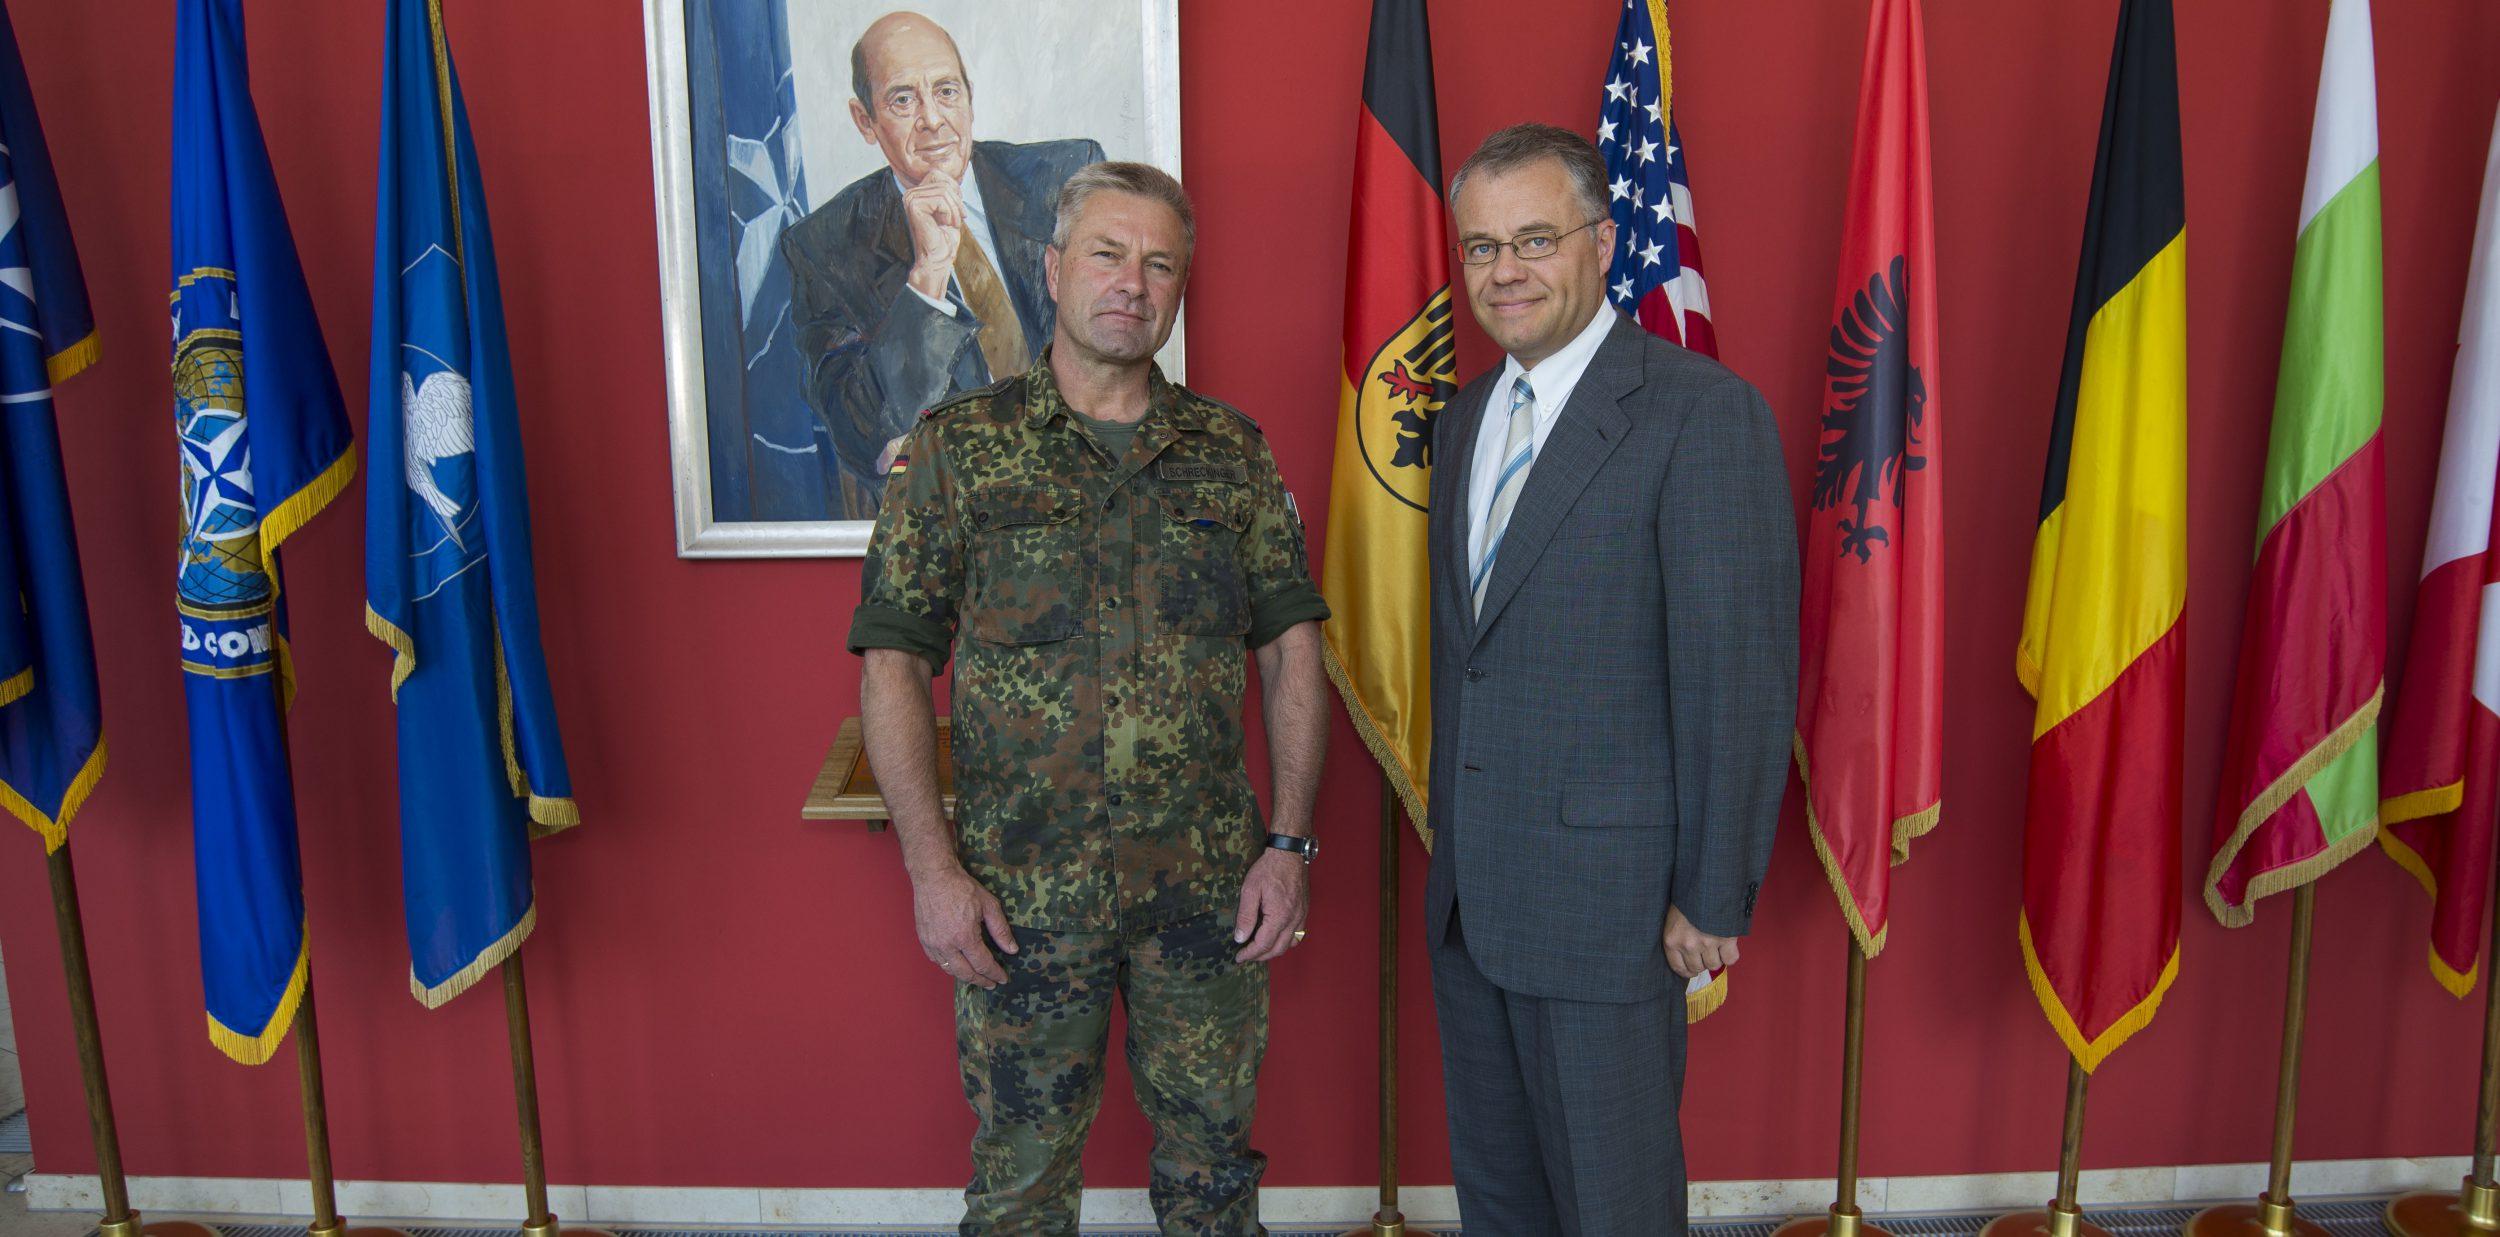 Harald Kühn mit dem Dienstältesten Deutschen Offizier und Stellvertreter des Kommandeurs der NATO School Oberammergau, Herrn Oberst i.G. Joachim Schreckinger, bei seinem Besuch der NATO School Oberammergau am 26. September 2016